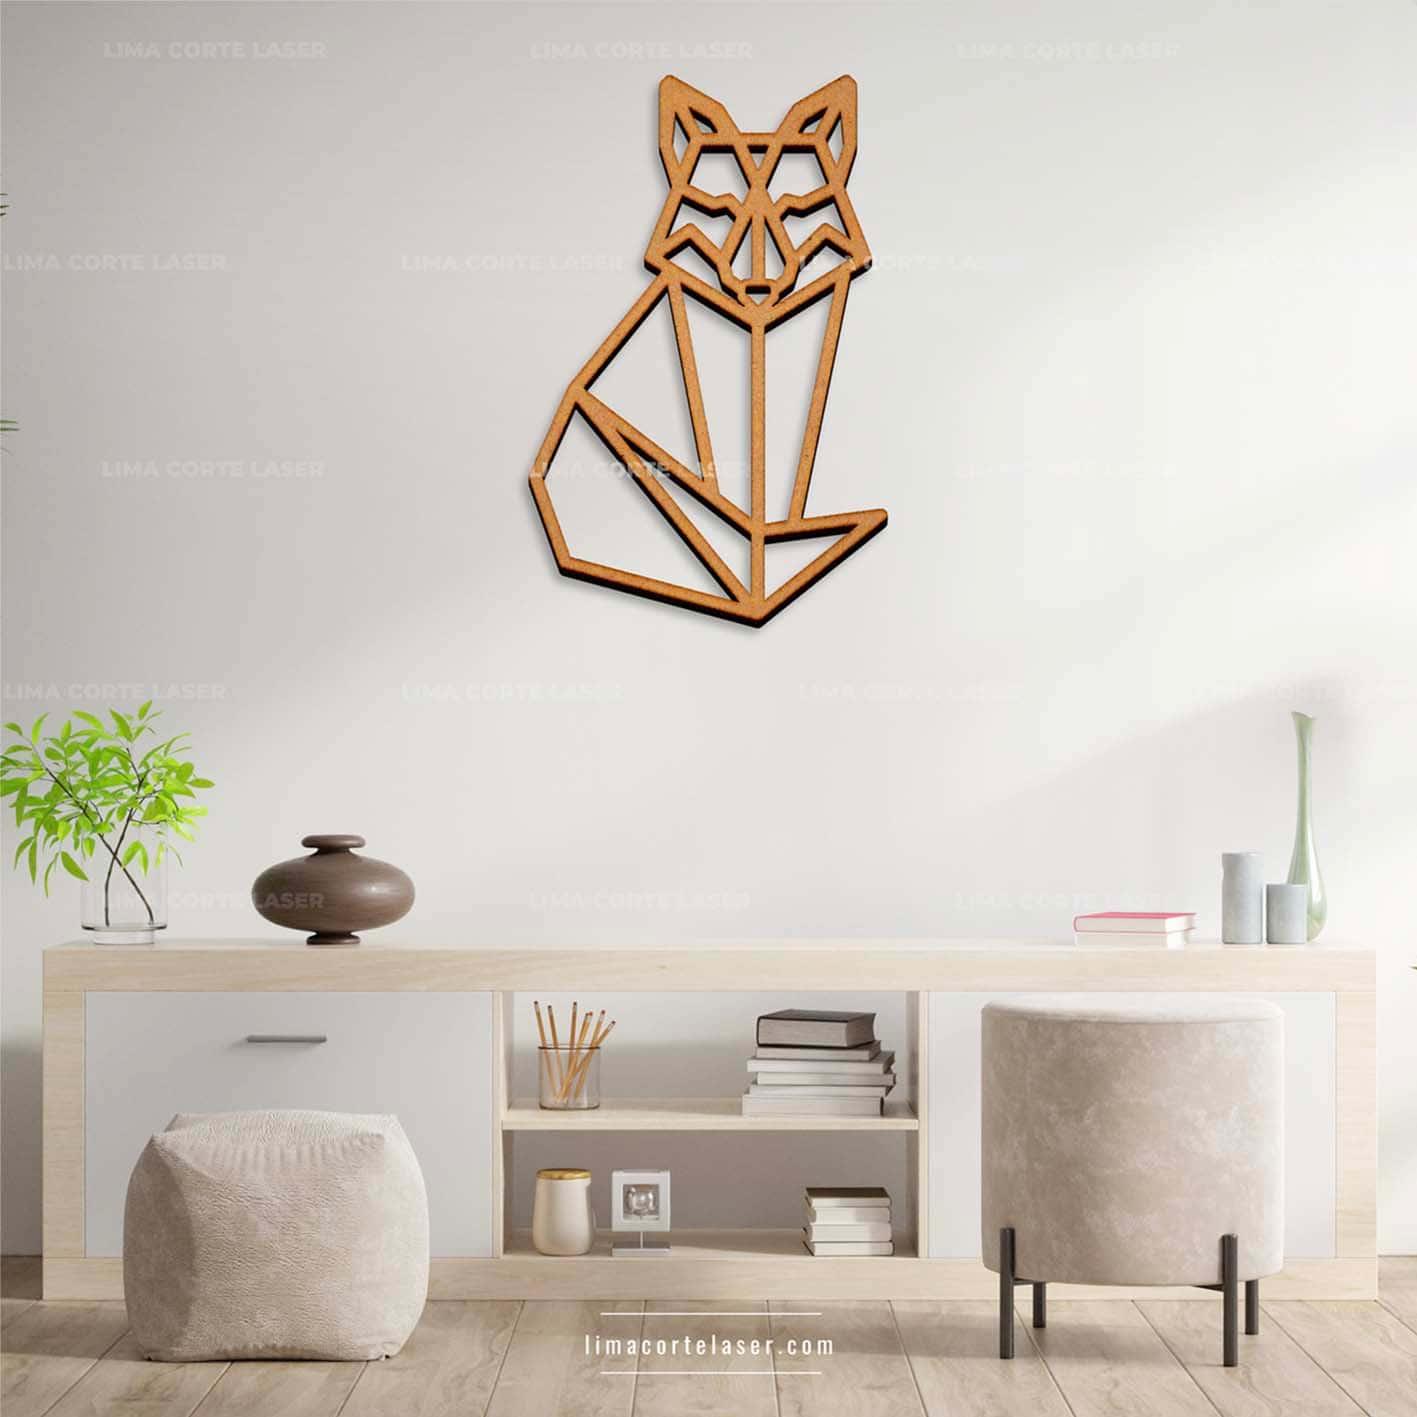 Corte láser MDF con la figura de un zorro geométrico ideal para un adorno para pared